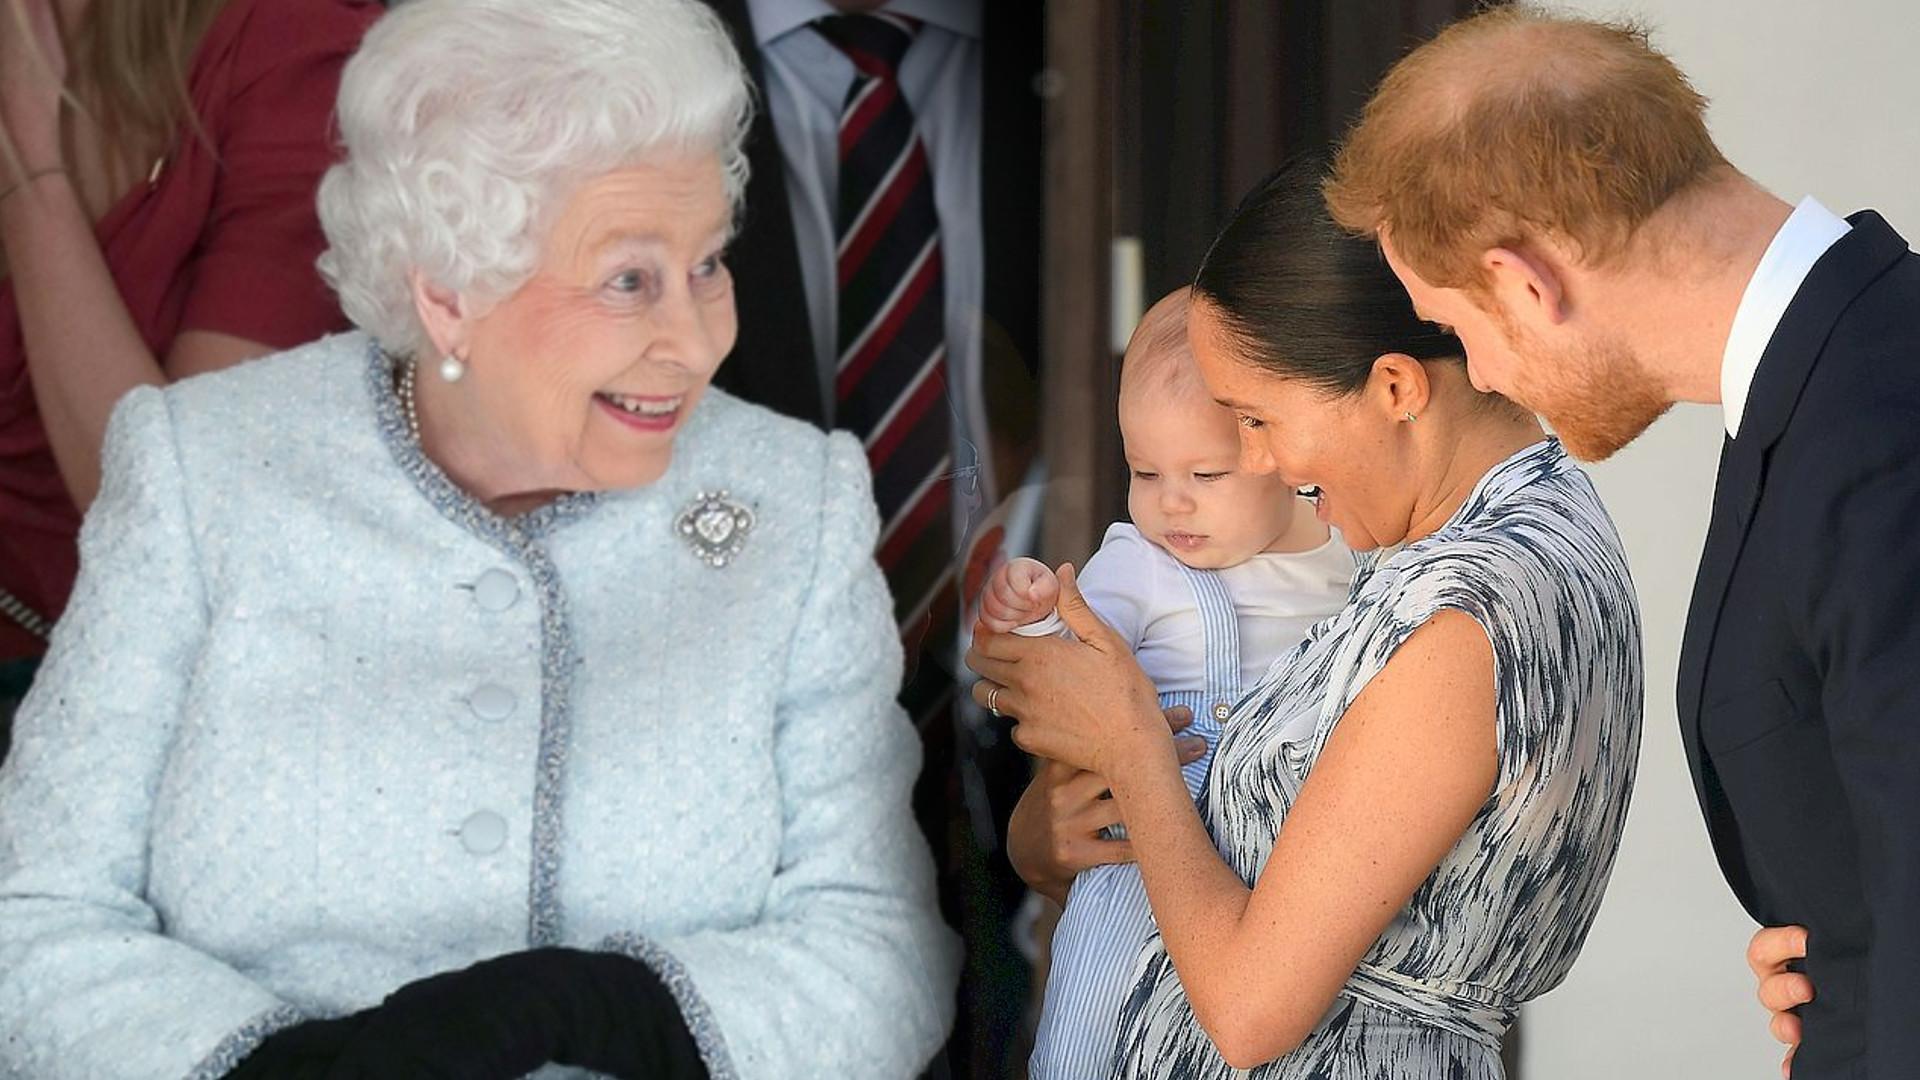 Królowa Elżbieta już kupiła PREZENT dla Archiego na jego 1. urodziny